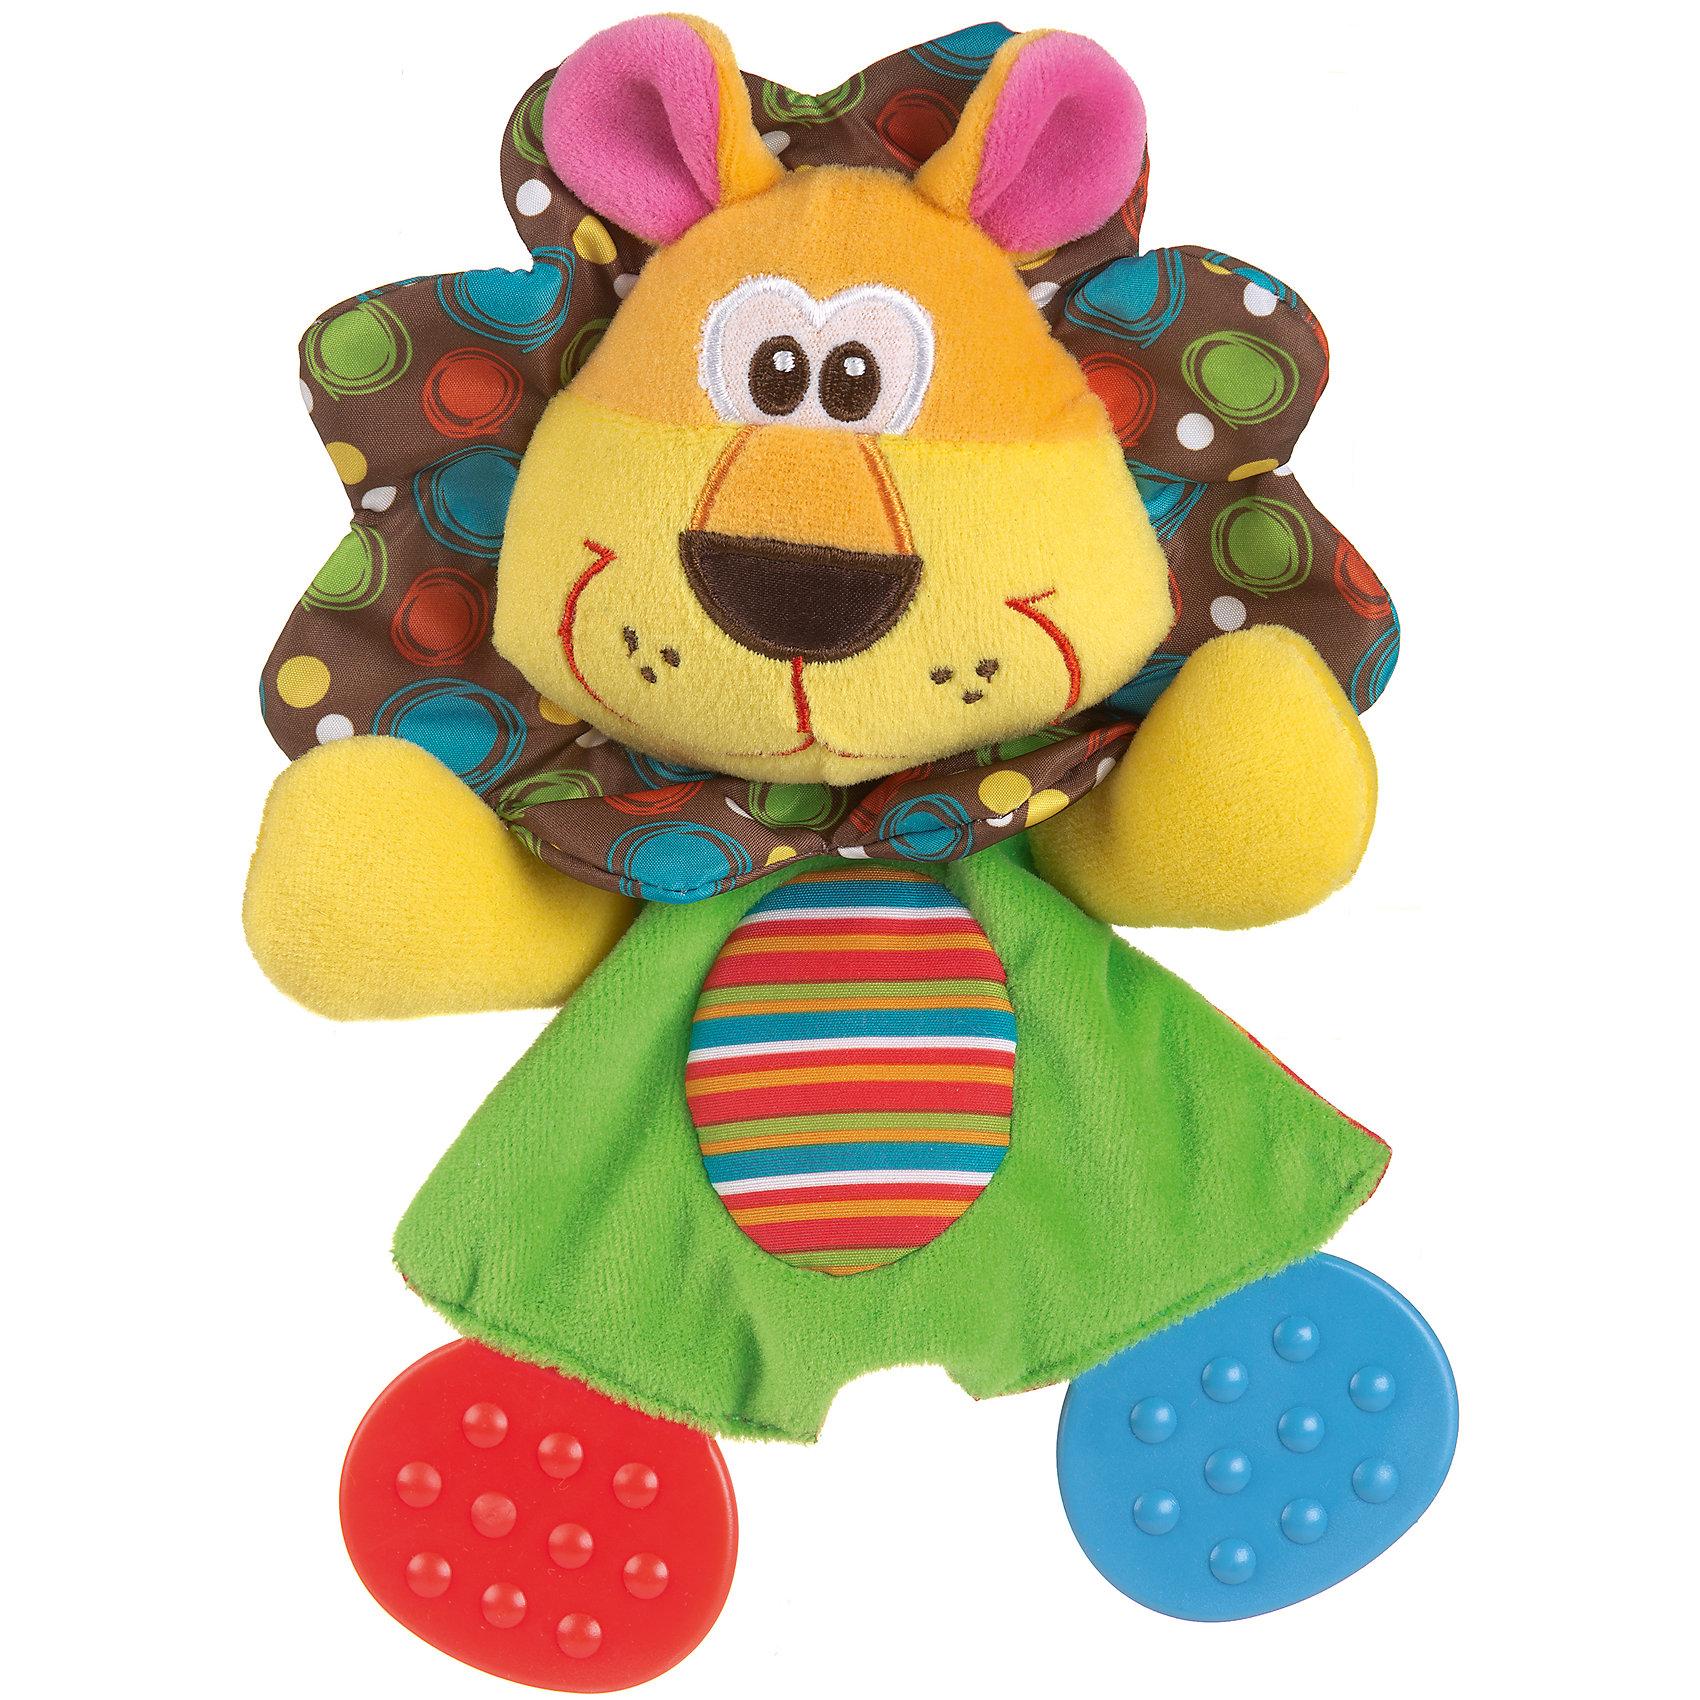 Мягкая игрушка Львенок, PlaygroПрорезыватели<br>Игрушка Львенок с прорезывателями предназначена для детей, у которых только-только начинают расти первые зубки. Она выполнена в виде симпатичного львенка, на лапках которого расположены два мягких прорезывателя. Игрушка изготовлена из качественных материалов, безопасных для здоровья ребенка.<br><br>Дополнительная информация:<br><br>- Возраст: от 3 месяцев до 2 лет<br>- Материал: текстиль, пластик<br>- Размер: 13х4х24 см<br>- Вес: 0.06 кг<br><br>Мягкую игрушку Львенок, Playgro можно купить в нашем интернет-магазине.<br><br>Ширина мм: 130<br>Глубина мм: 42<br>Высота мм: 240<br>Вес г: 60<br>Возраст от месяцев: 3<br>Возраст до месяцев: 24<br>Пол: Унисекс<br>Возраст: Детский<br>SKU: 4779540